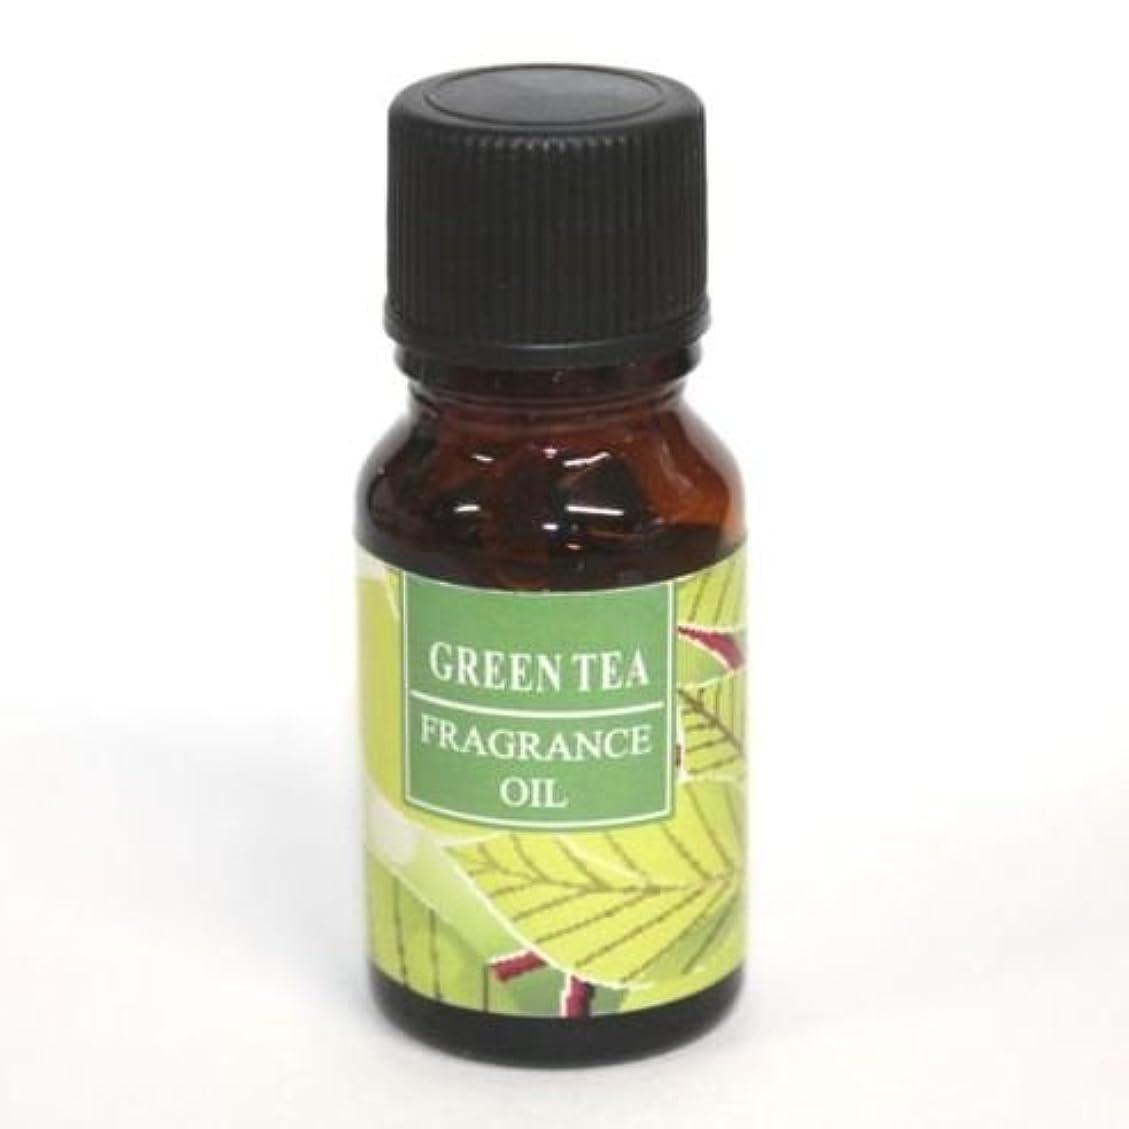 RELAXING アロマオイル AROMA OIL フレグランスオイル GREEN TEA 緑茶の香り RQ-09